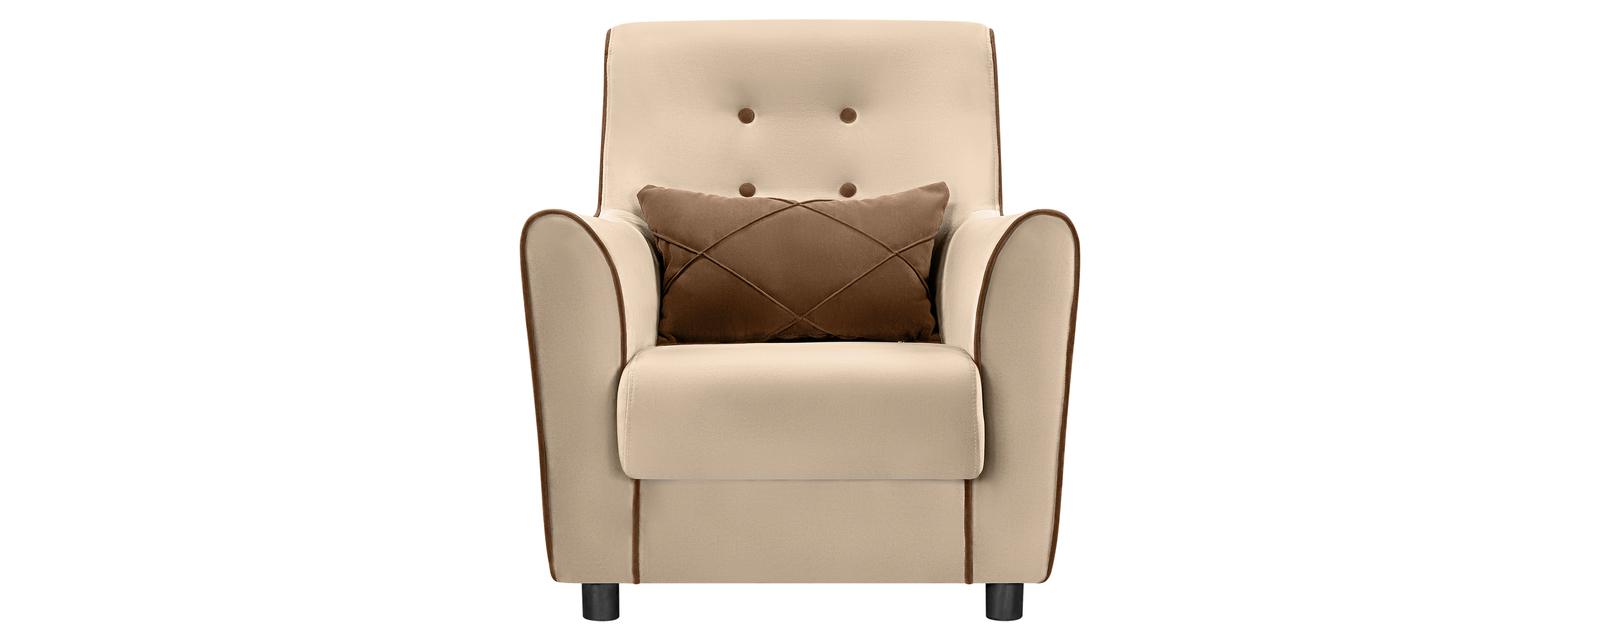 Кресло тканевое Флэтфорд Velure бежевый/коричневый (Велюр)